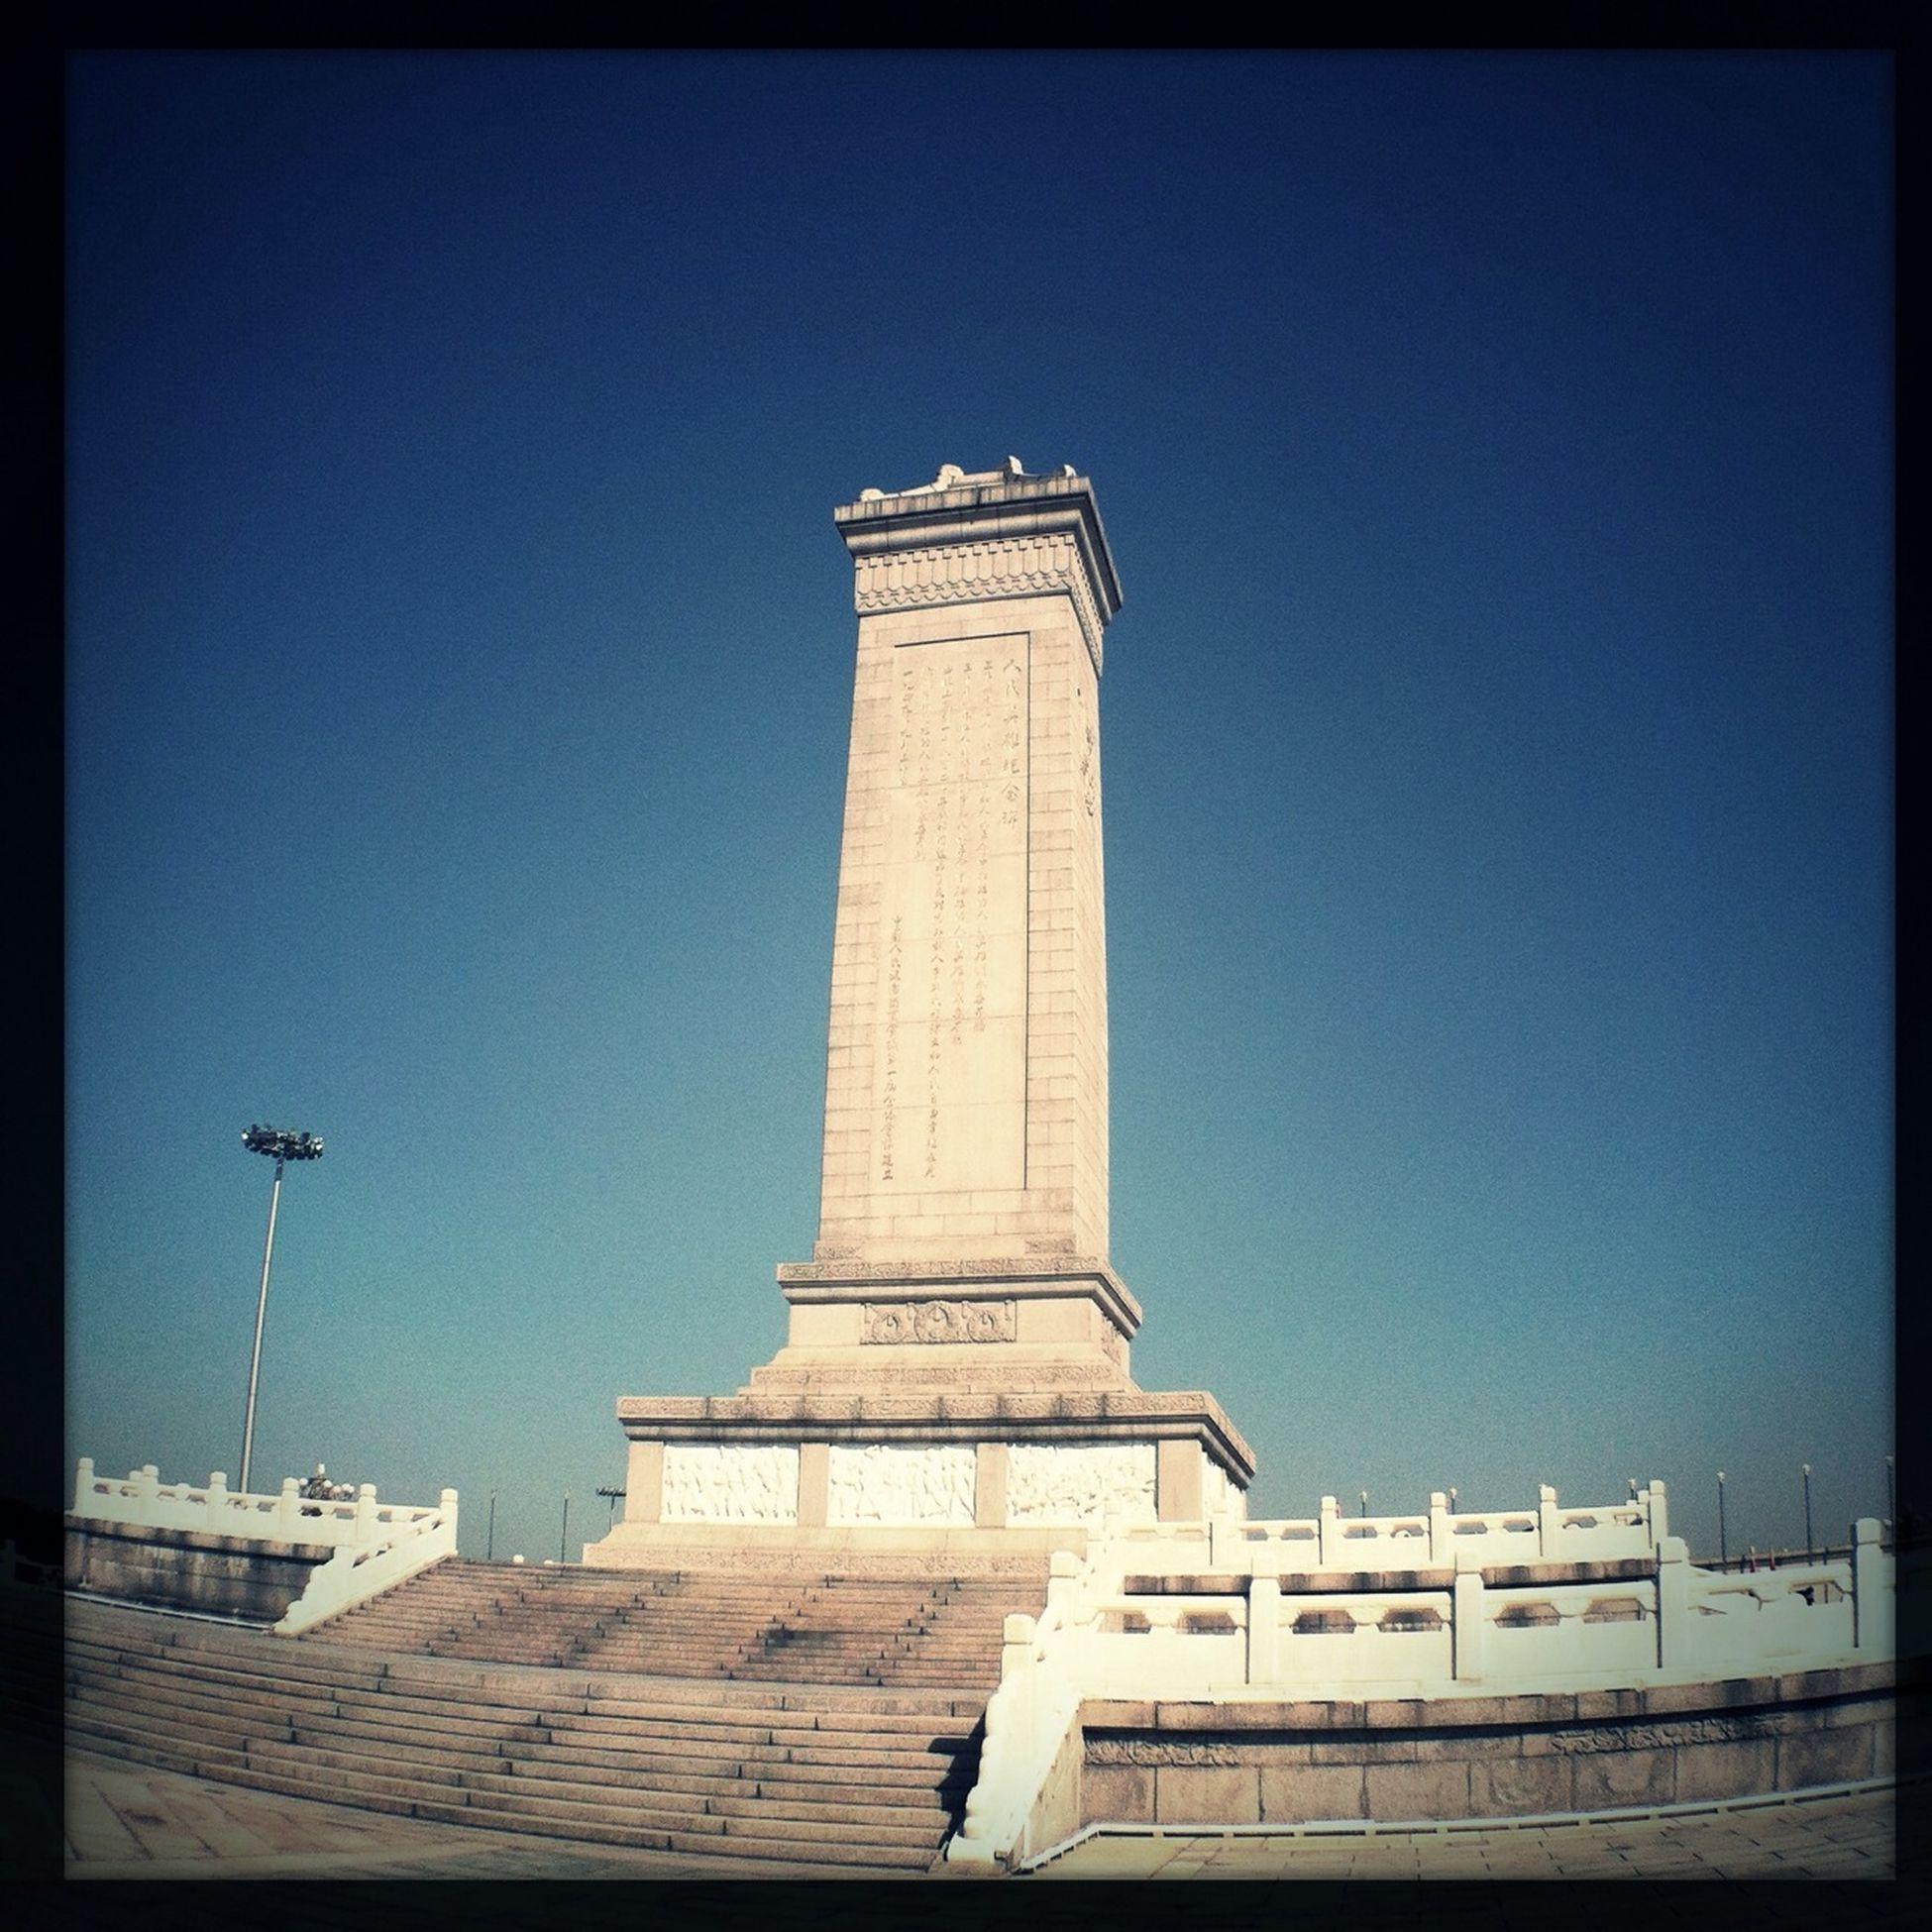 vignette, postprocessing, international landmark, famous place, historic, religion, ancient civilization